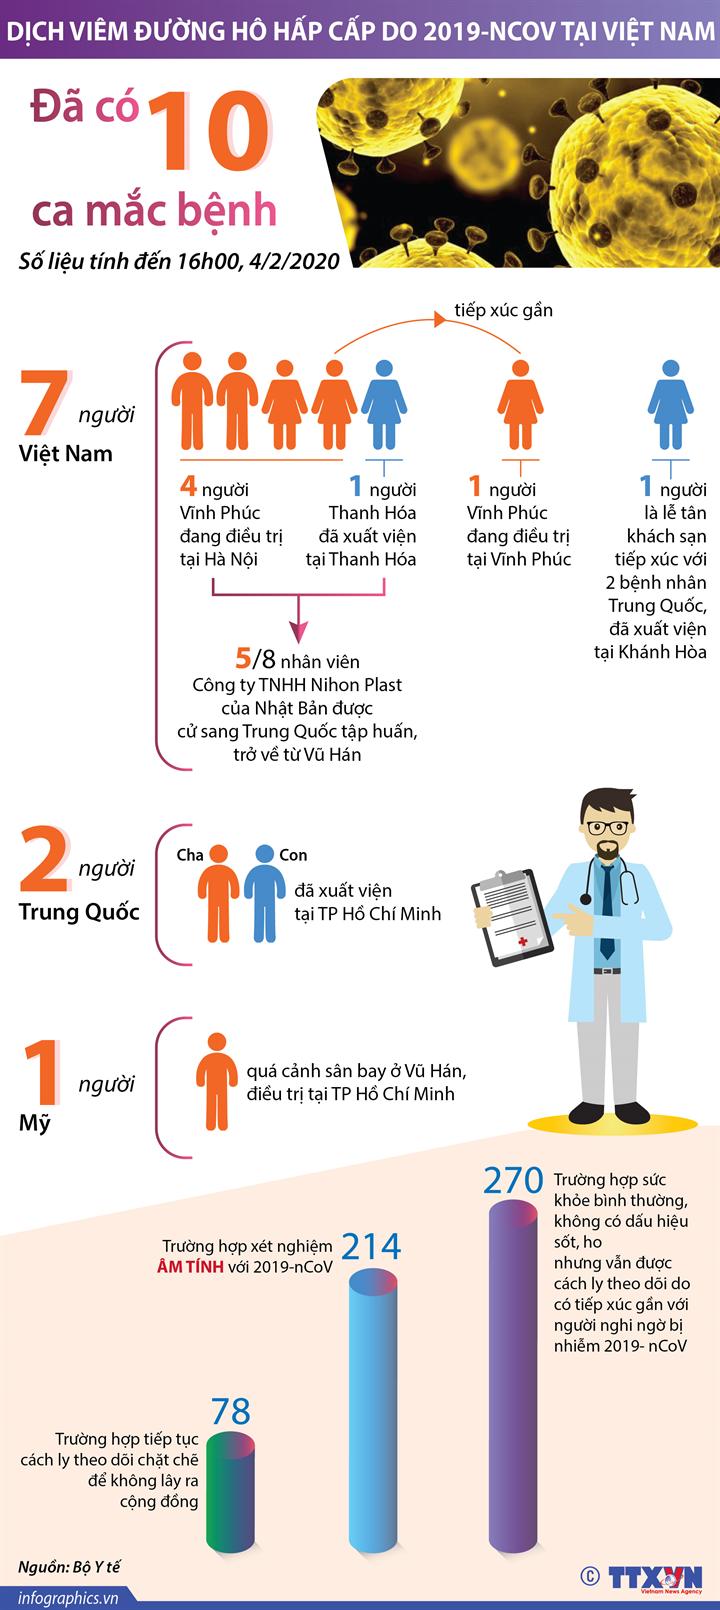 Việt Nam đã có 10 ca mắc bệnh viêm đường hô hấp cấp do 2019-nCoV